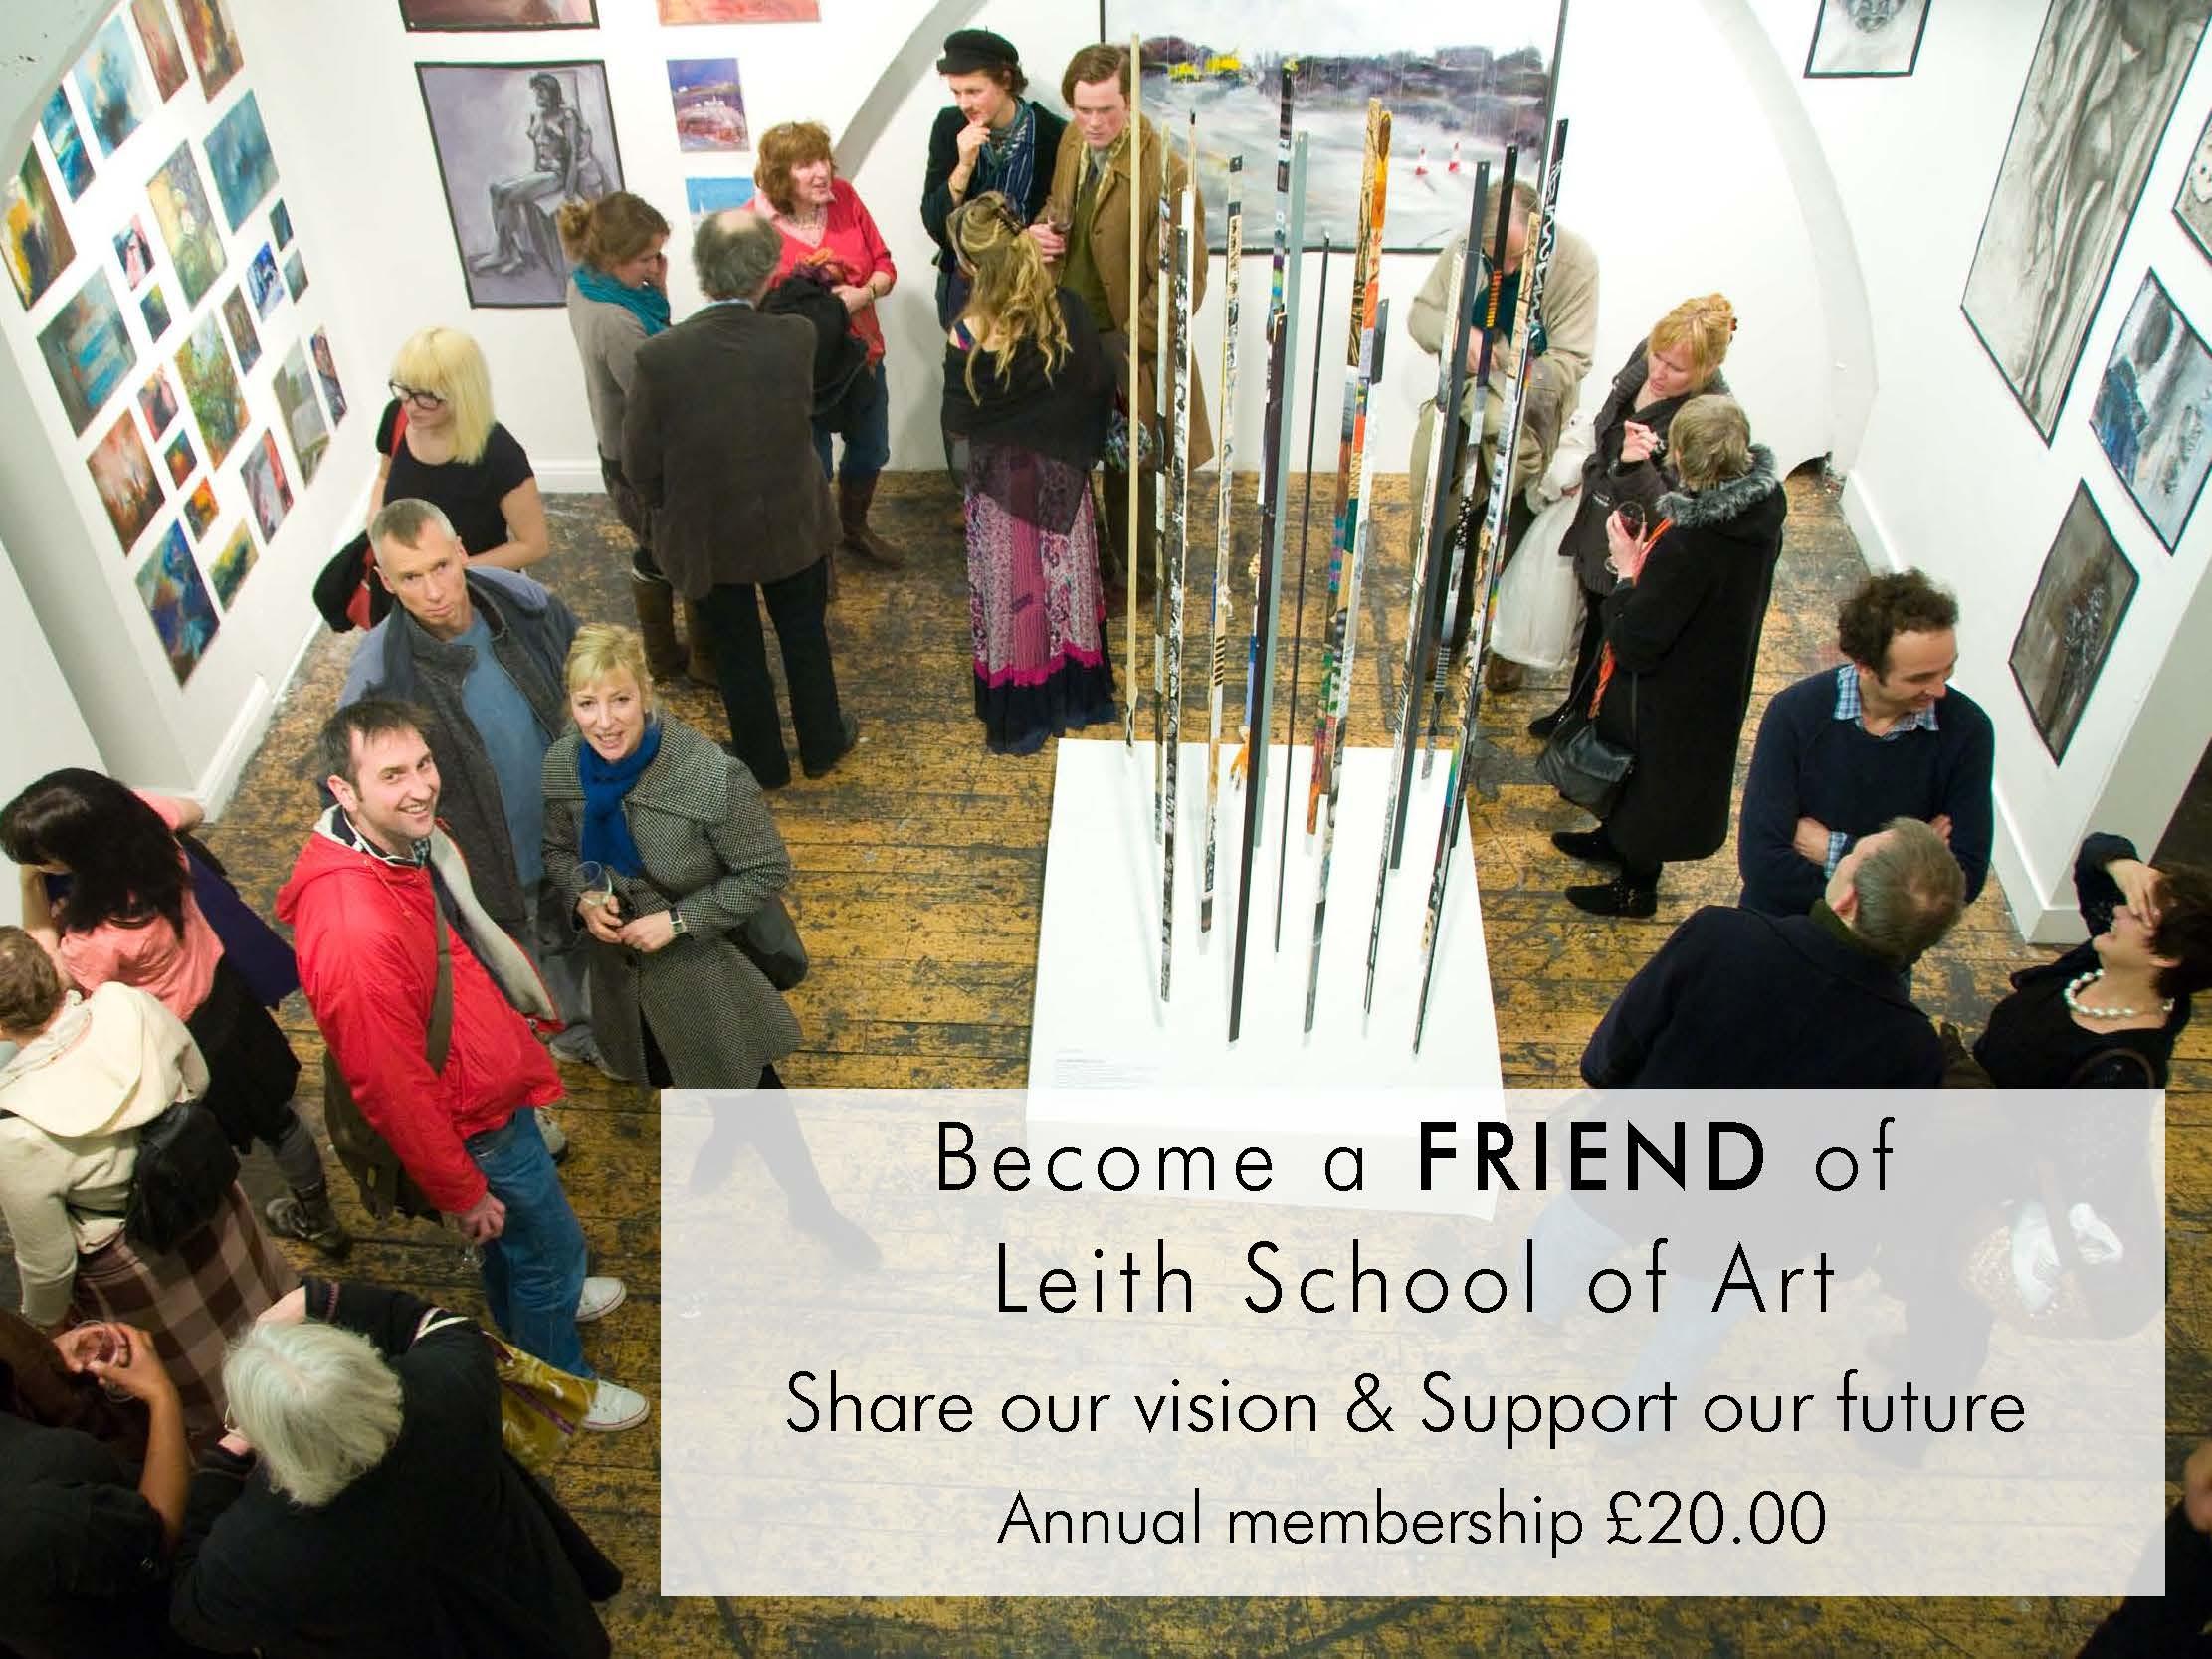 Friends Membership - £20